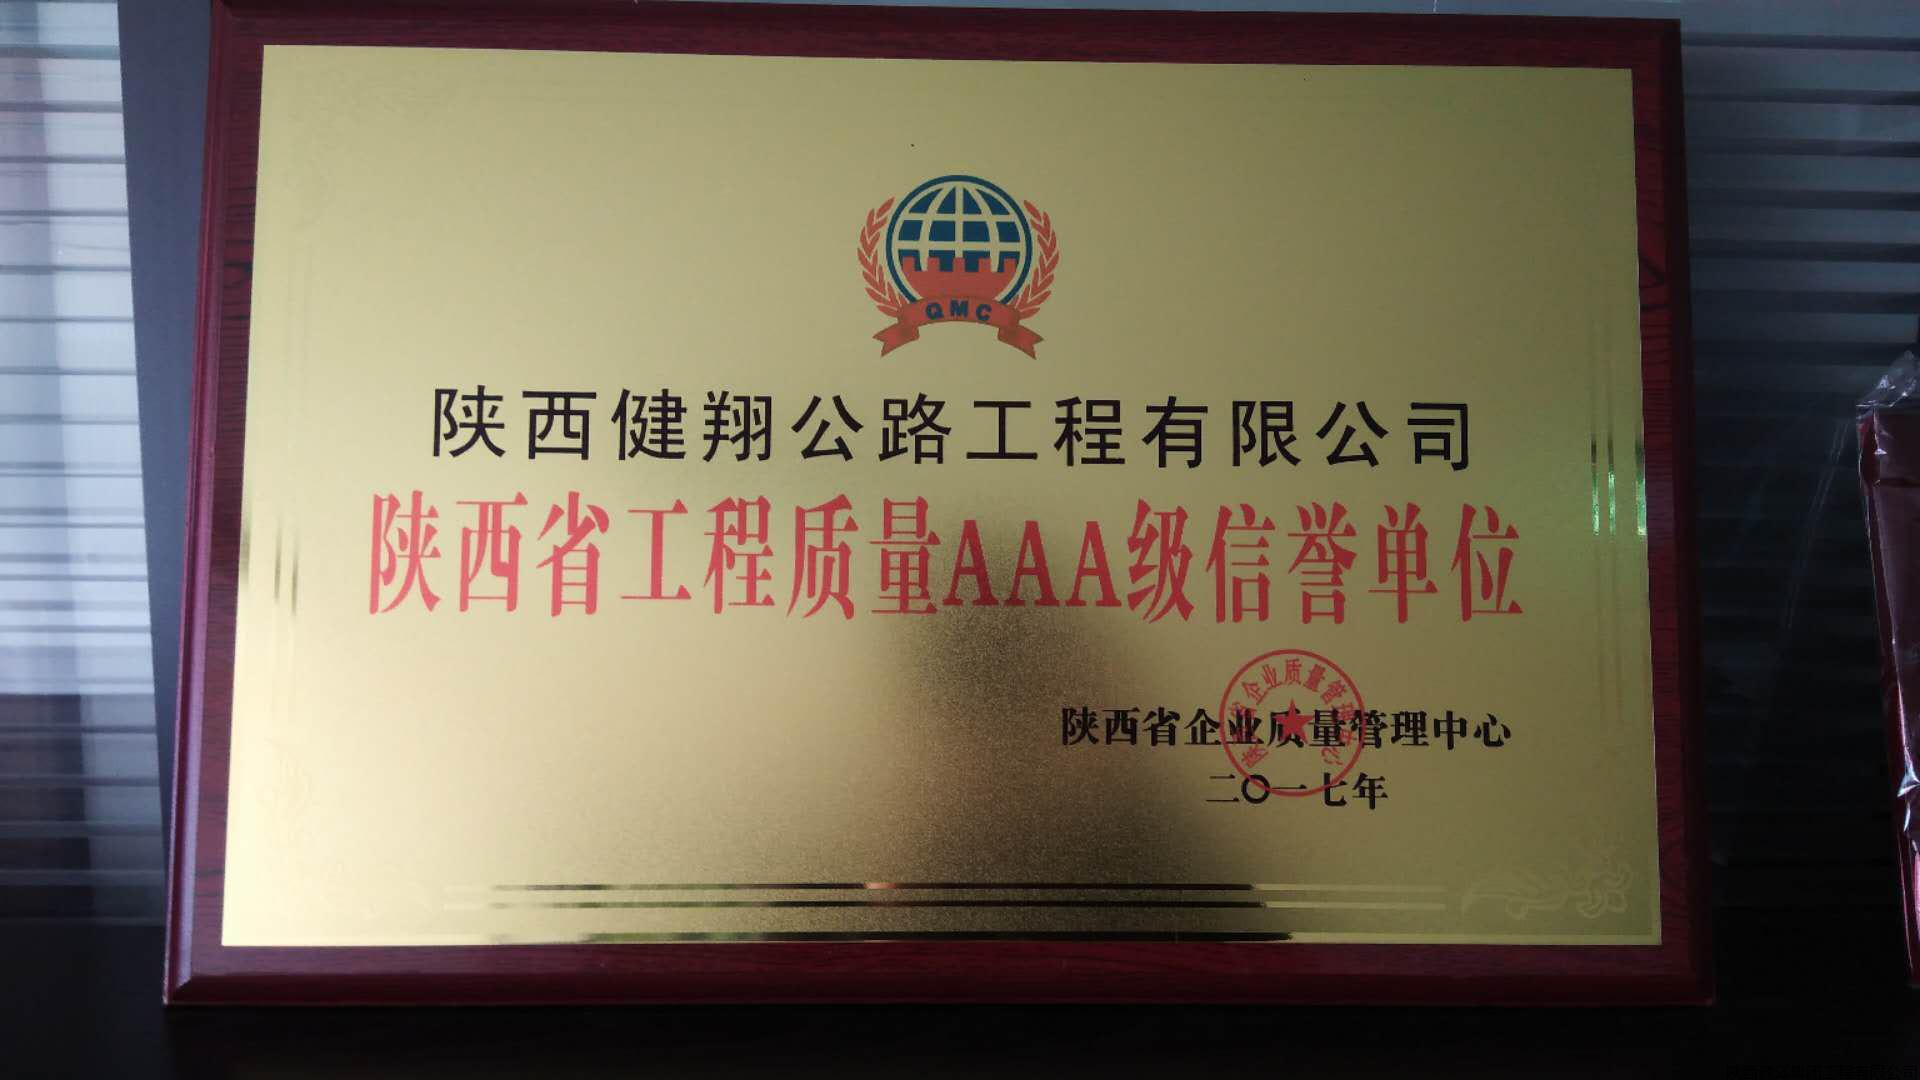 陜西健澤建筑工程集團